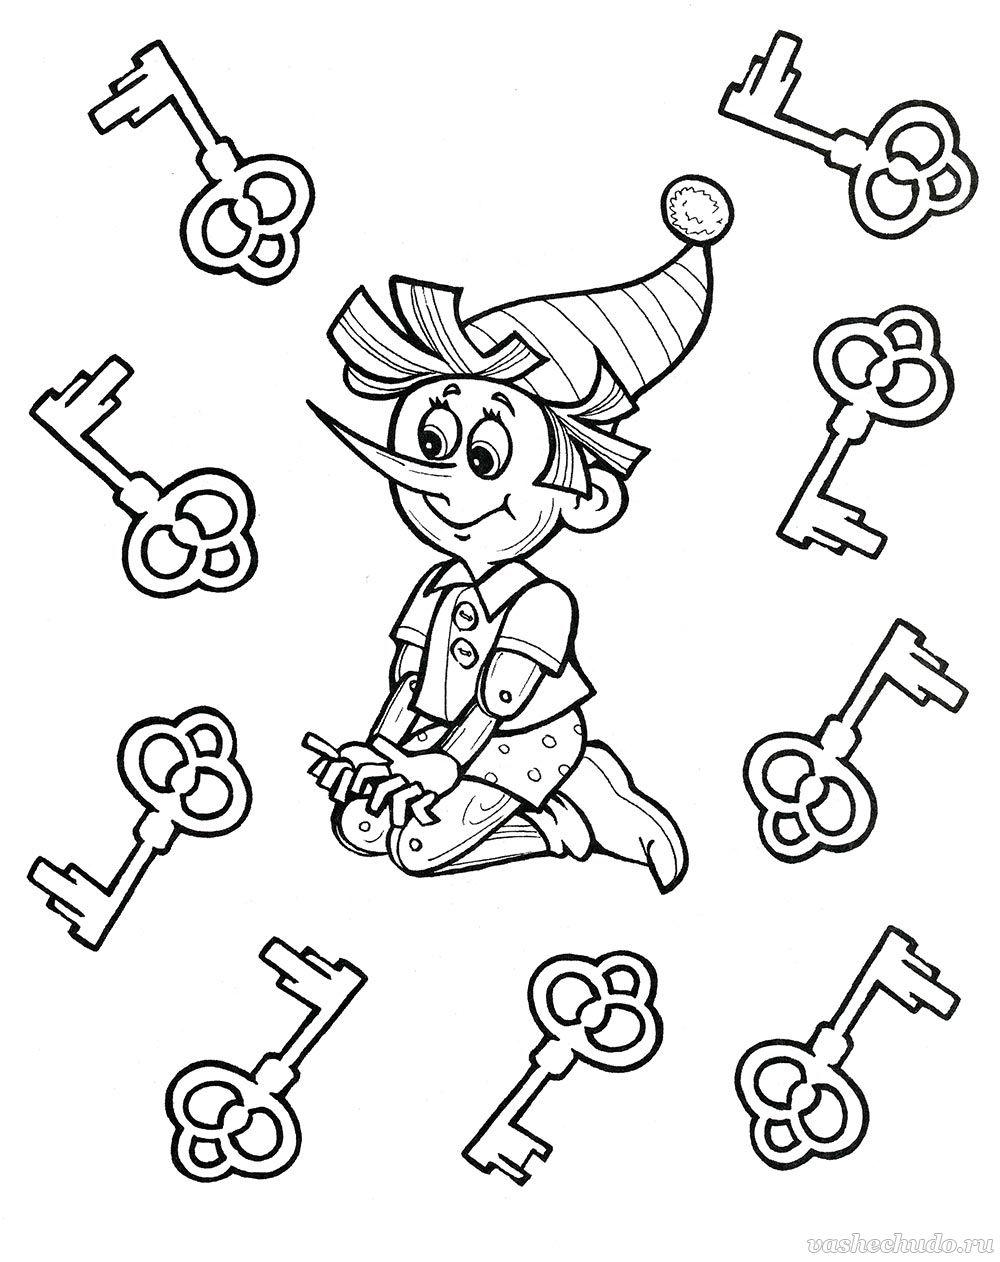 Раскраска с заданием для детей дошкольного возраста